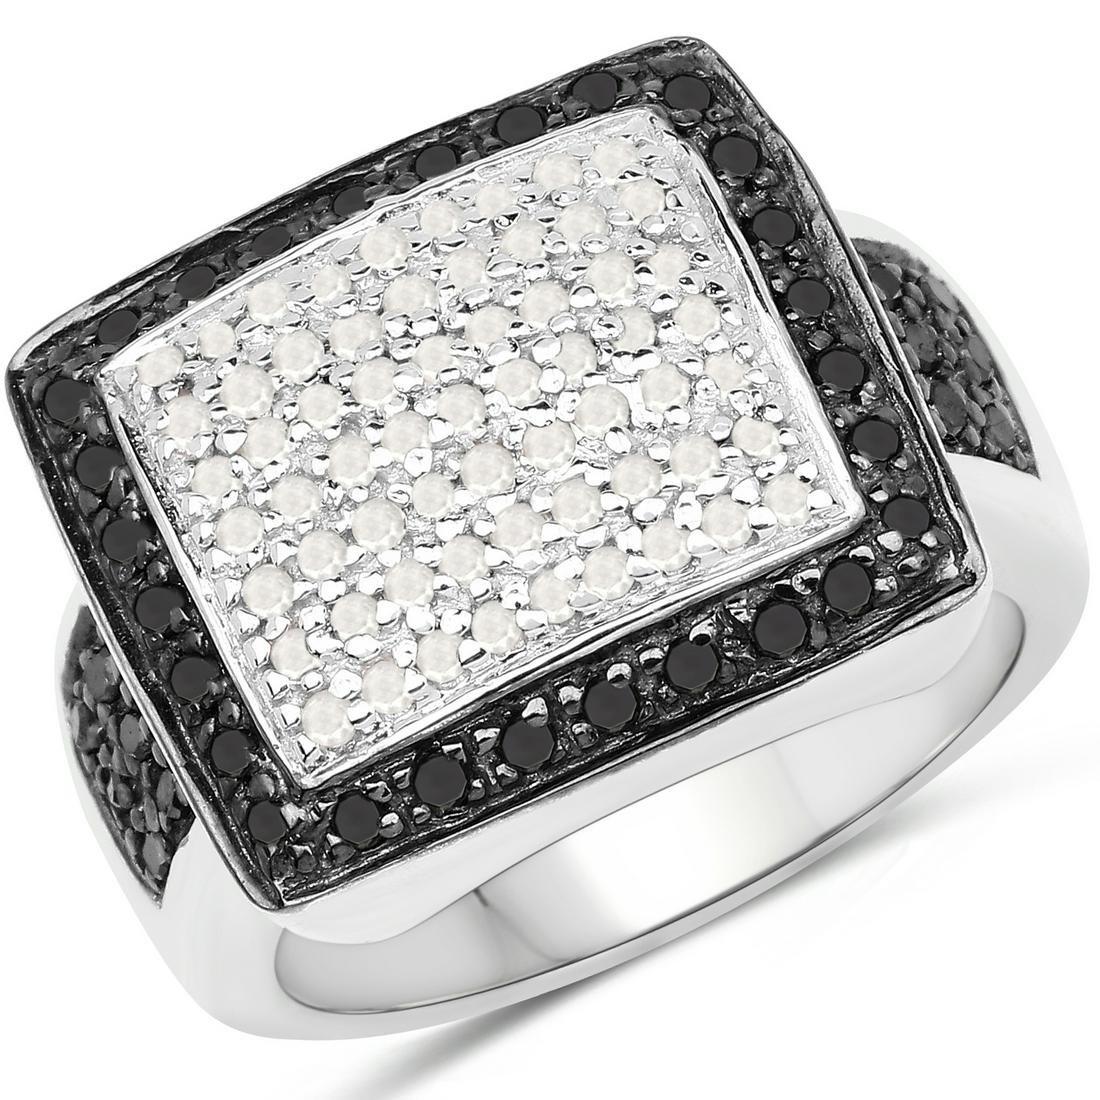 0.61 ctw Genuine Black Diamond and White Diamond .925